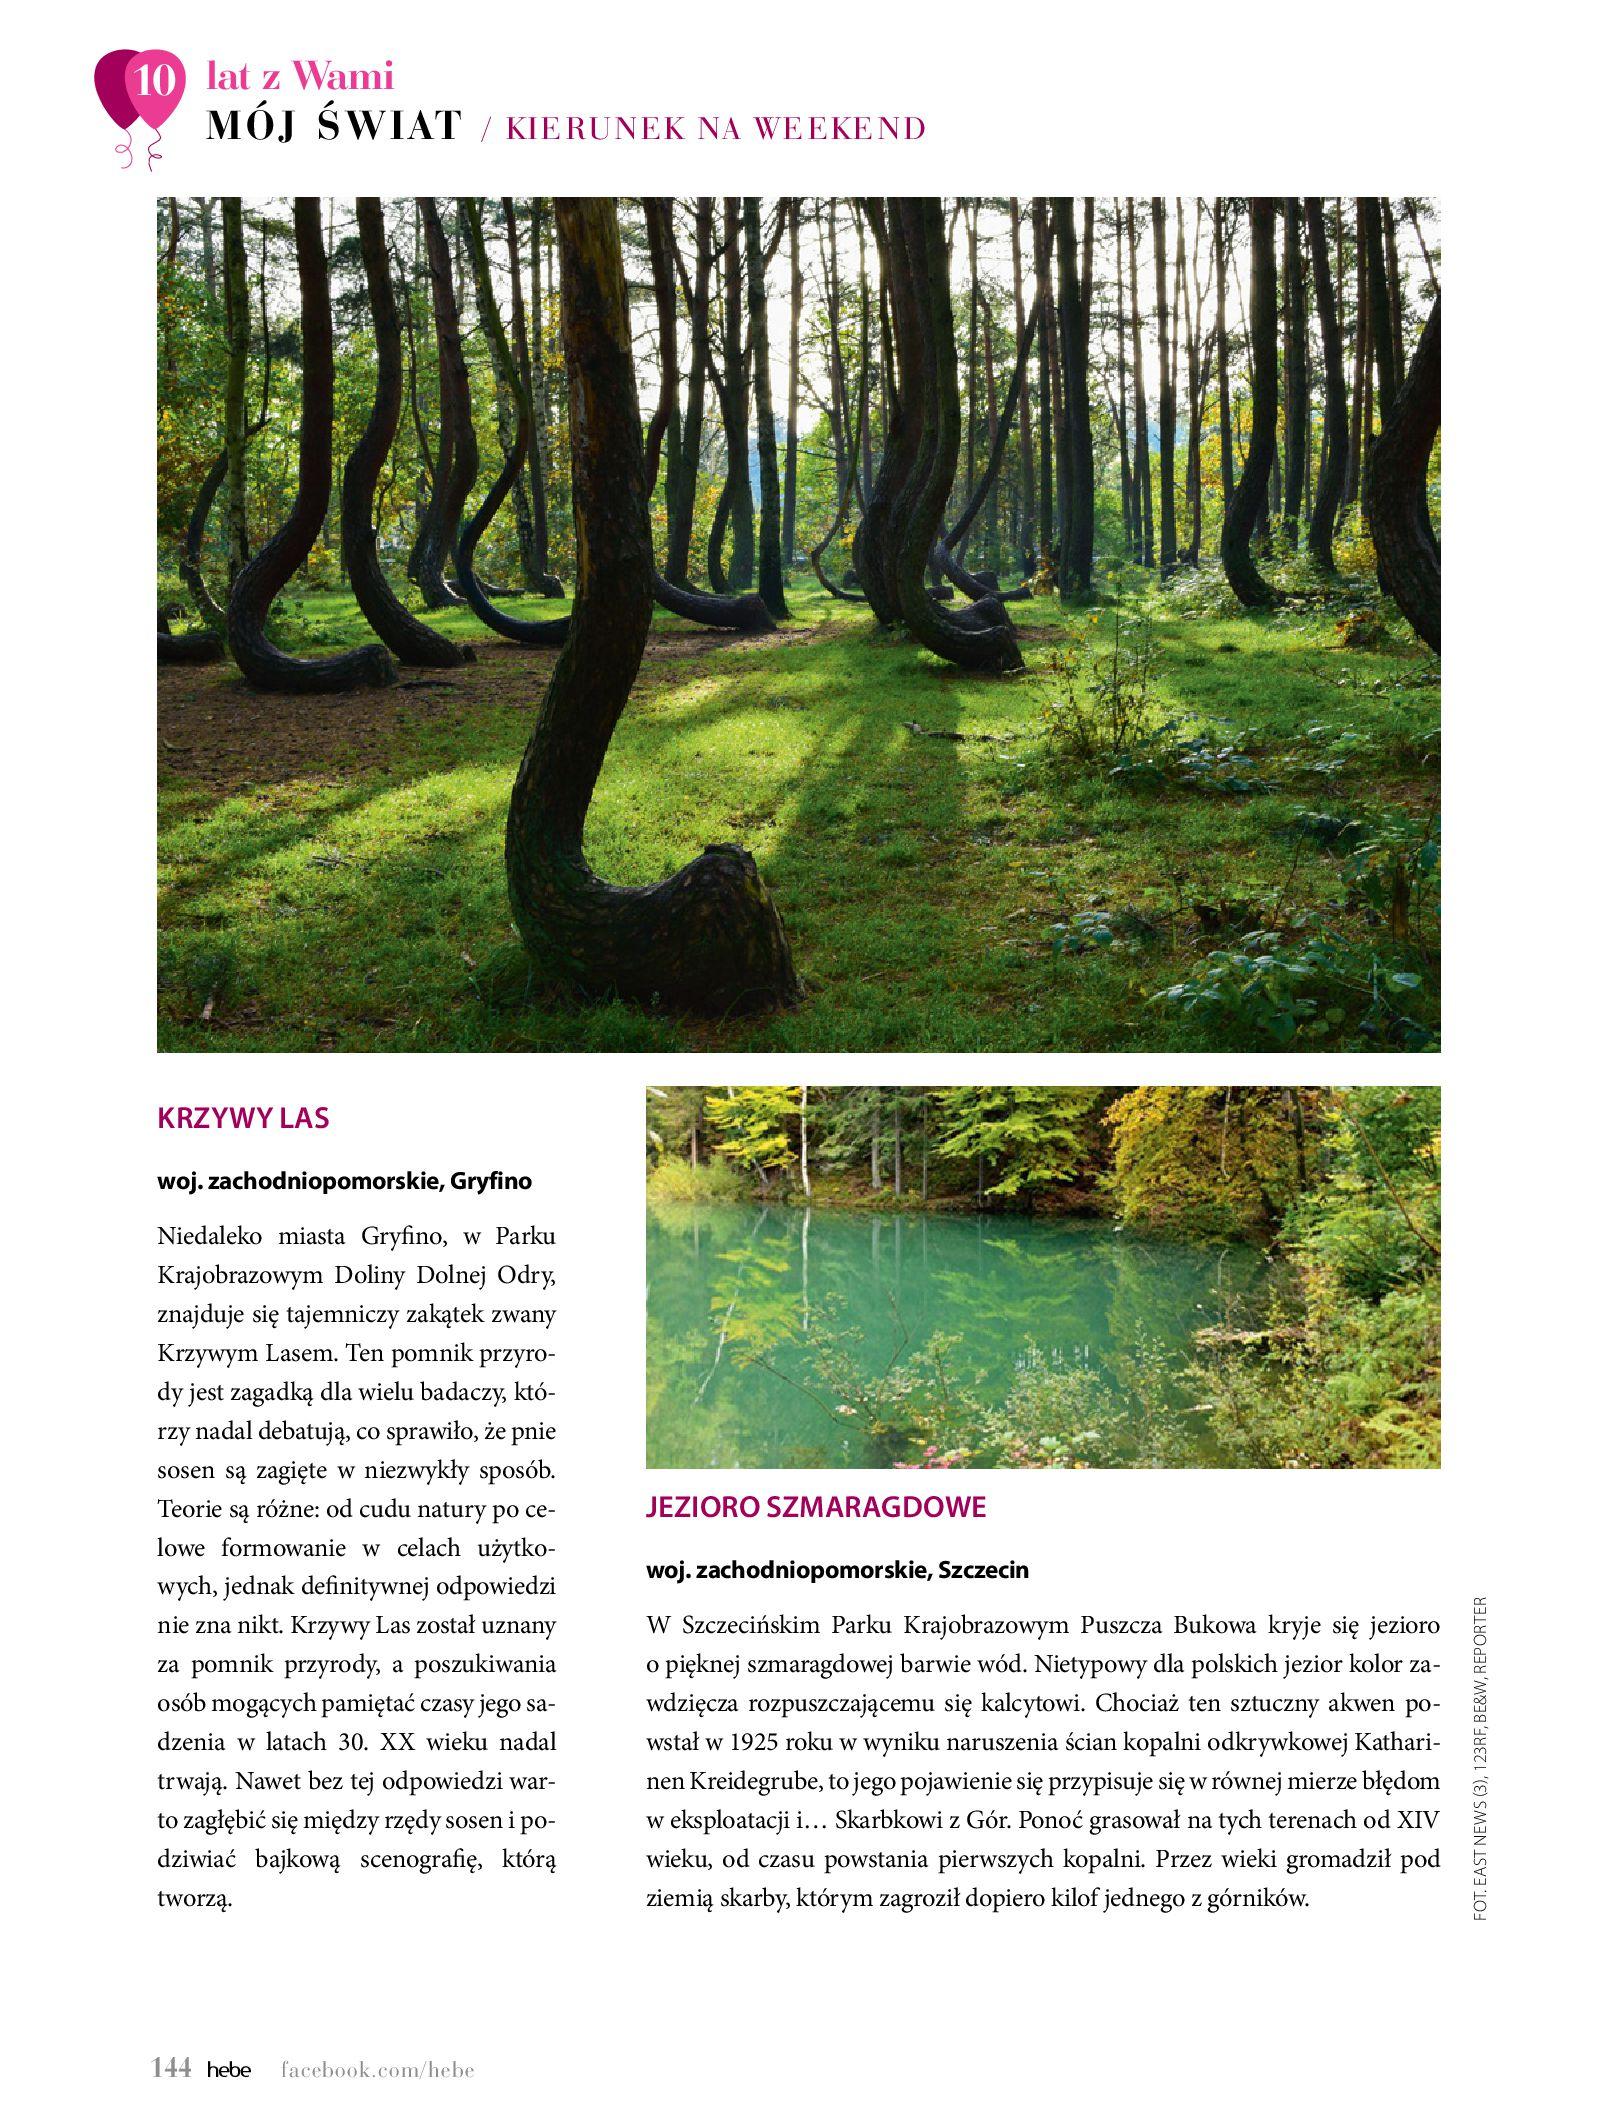 Gazetka hebe: Gazetka Hebe - Magazyn  2021-05-01 page-144